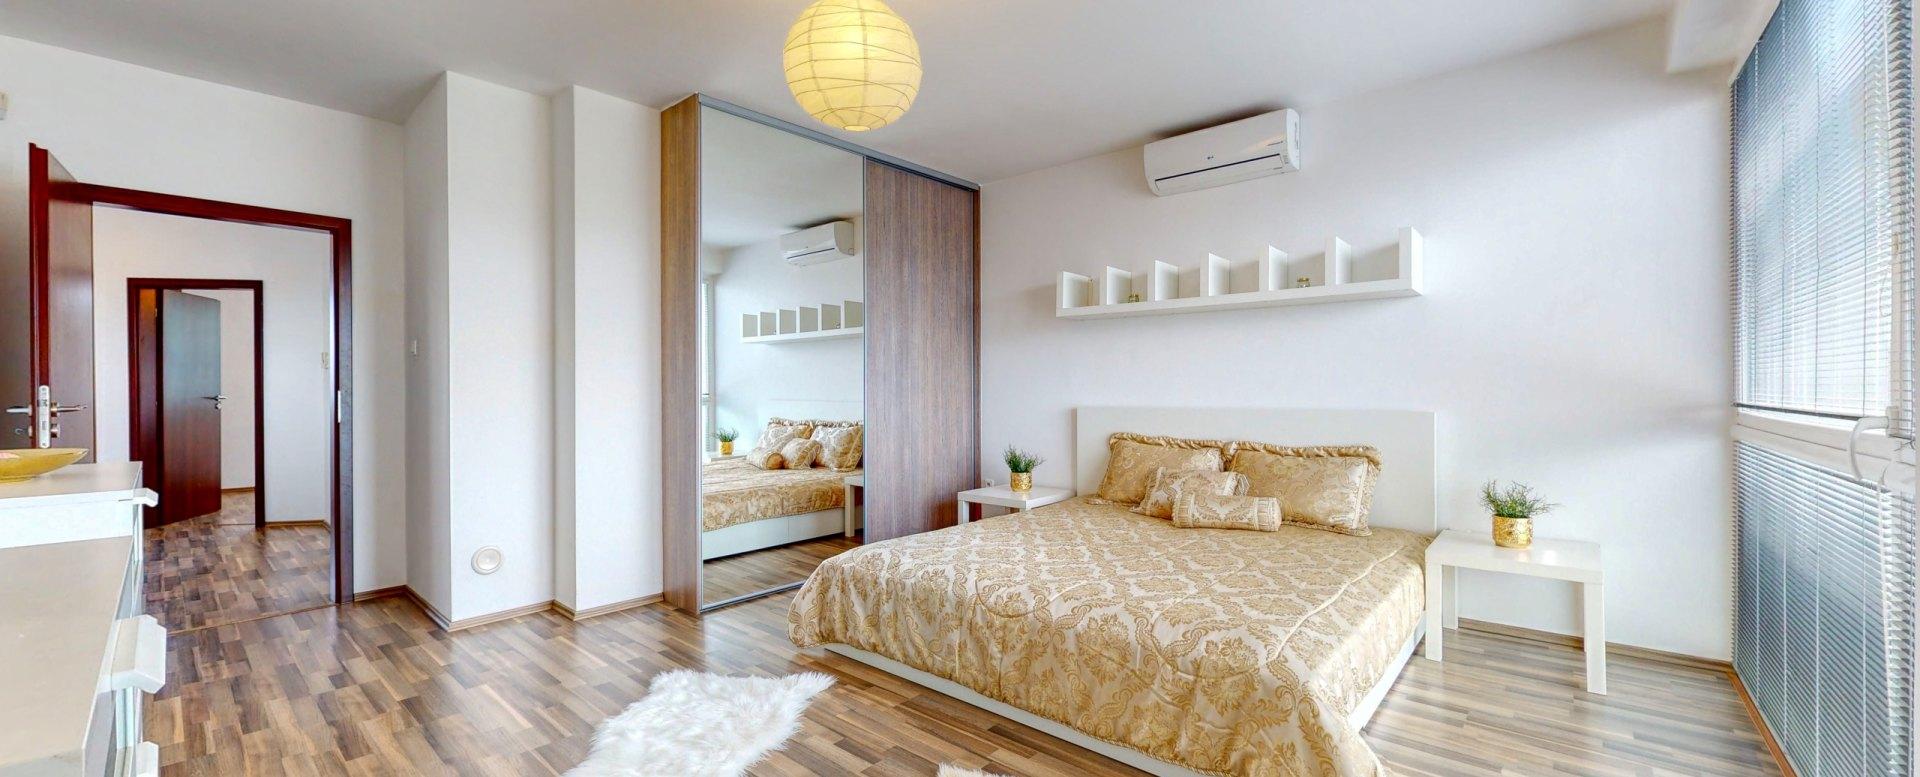 Pohľad na vstup do spálne, vstavanú skriňu a manželskú posteľ